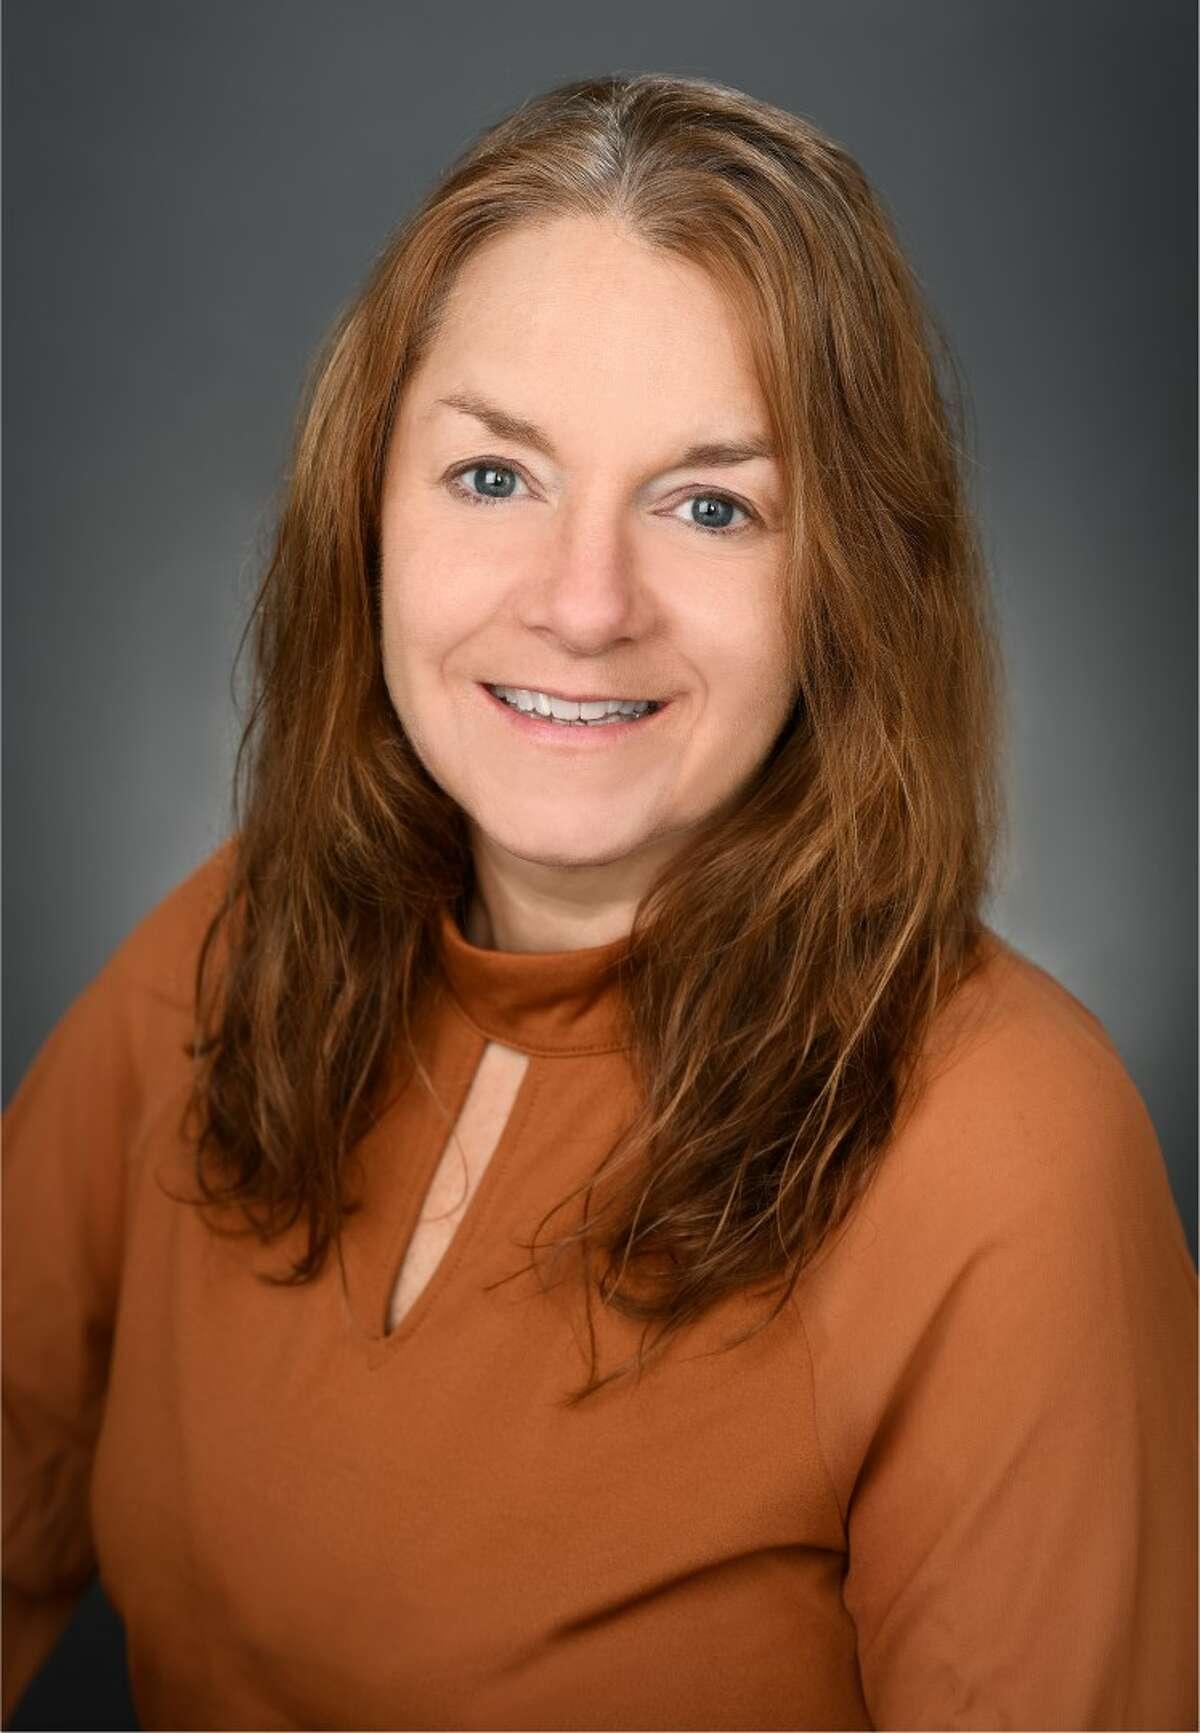 Katy Hoffman